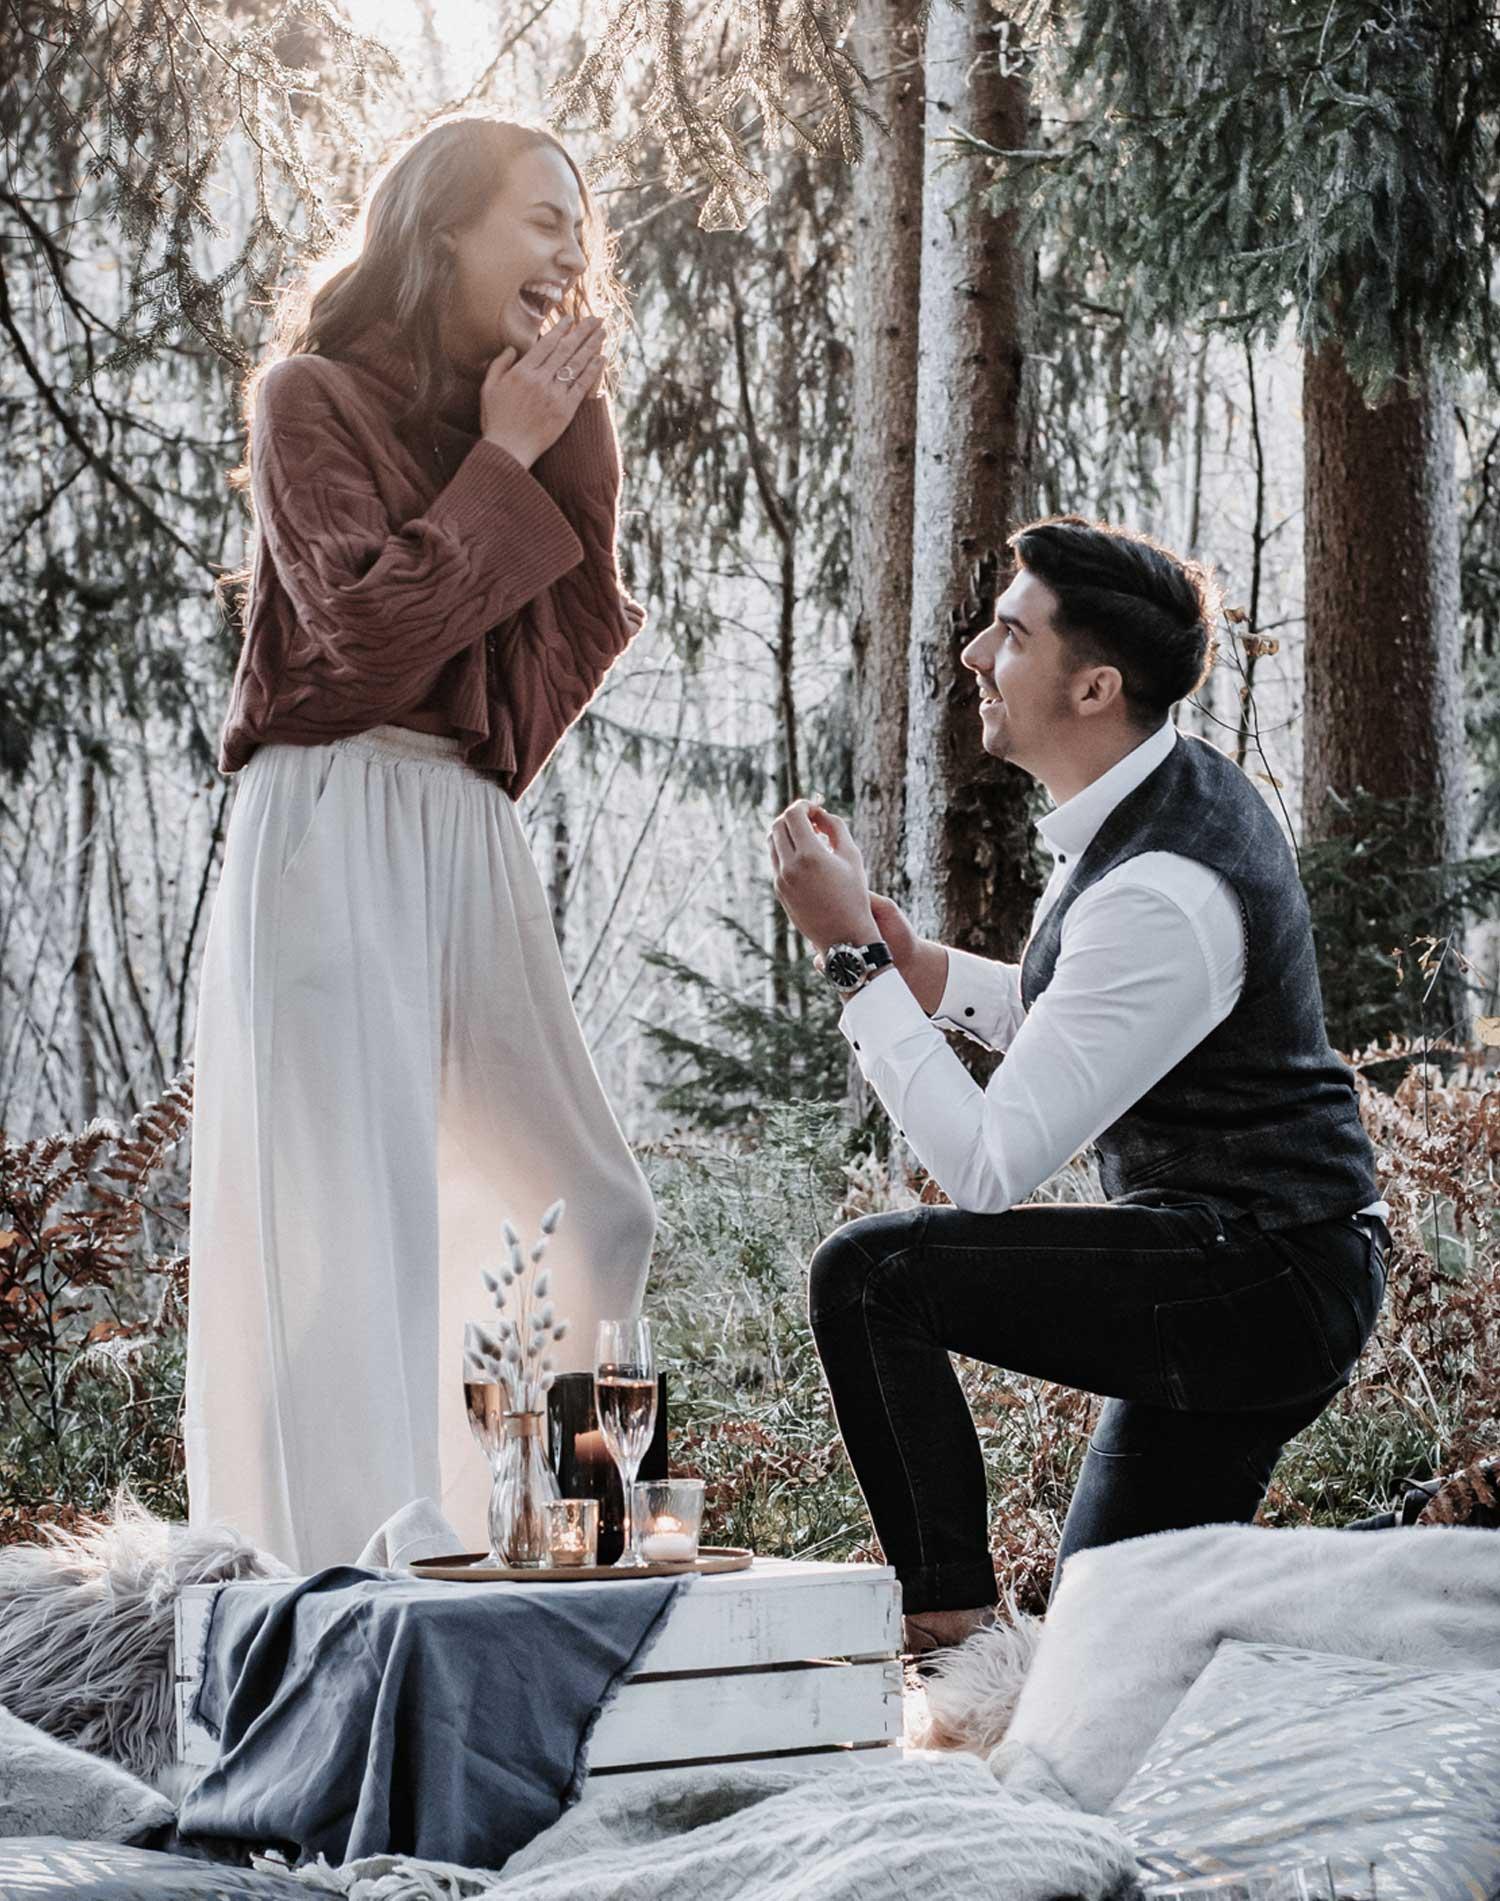 heiratsantrag-organisieren-ideen-fuer-heiratsantrag-perfekter-heiratsantrag-antrag-machen-wie-mache-ich-einen-heiratsantrag